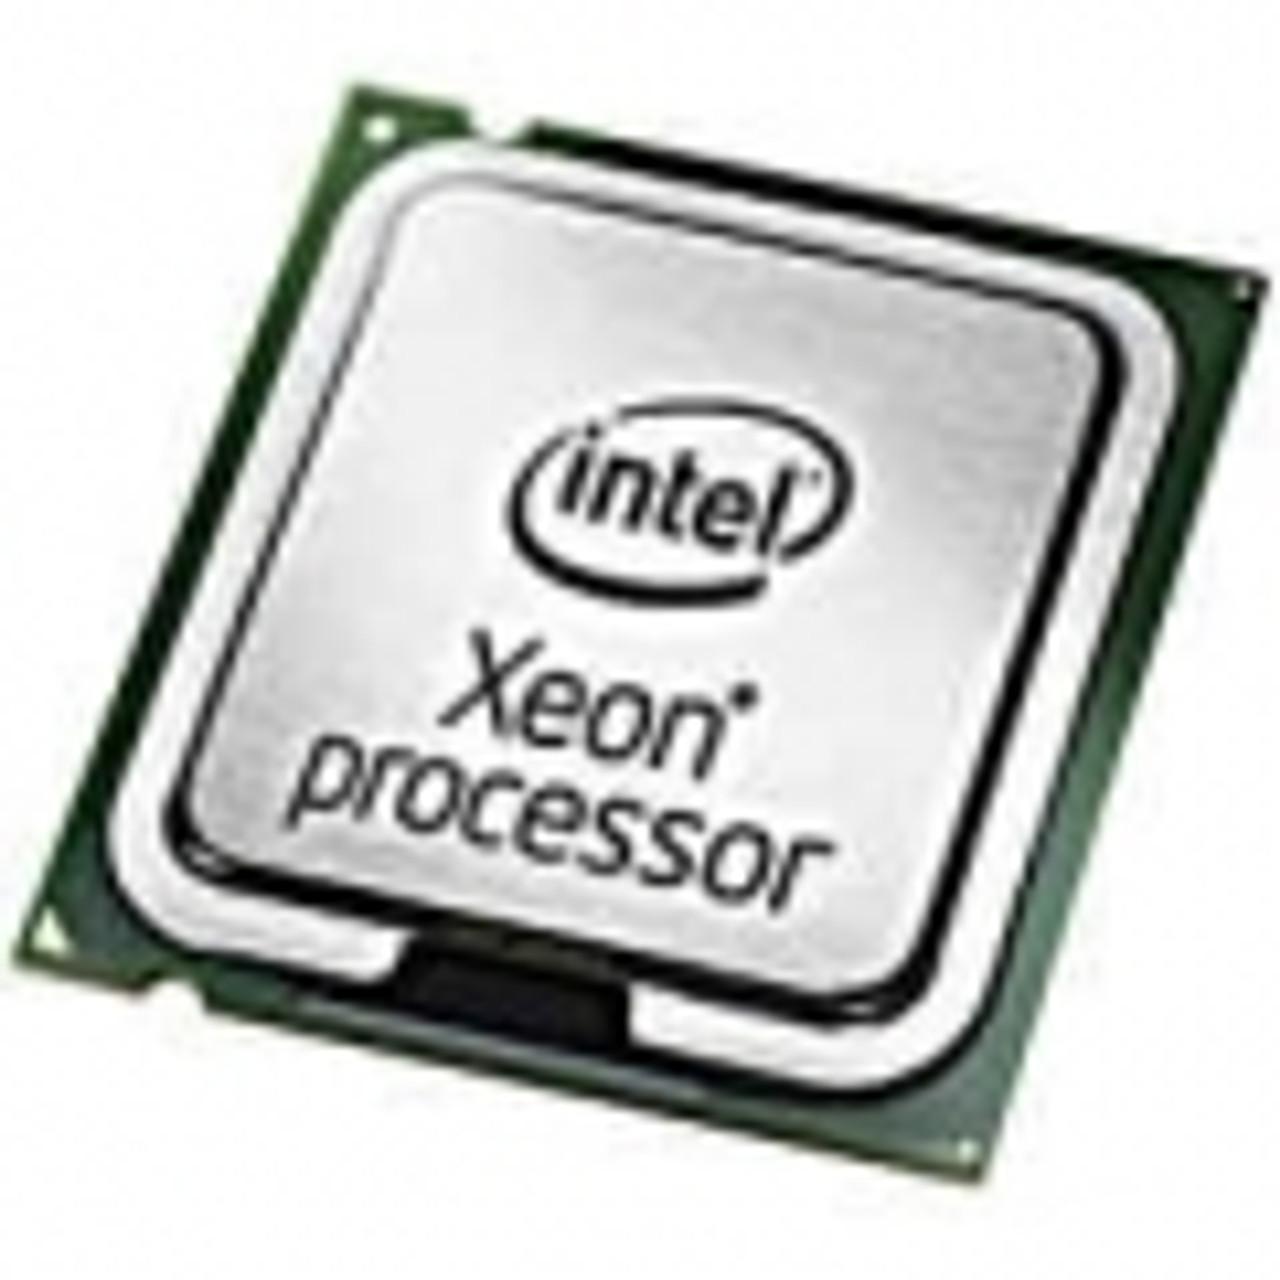 Intel Xeon 5300 Quad-Core CPUs